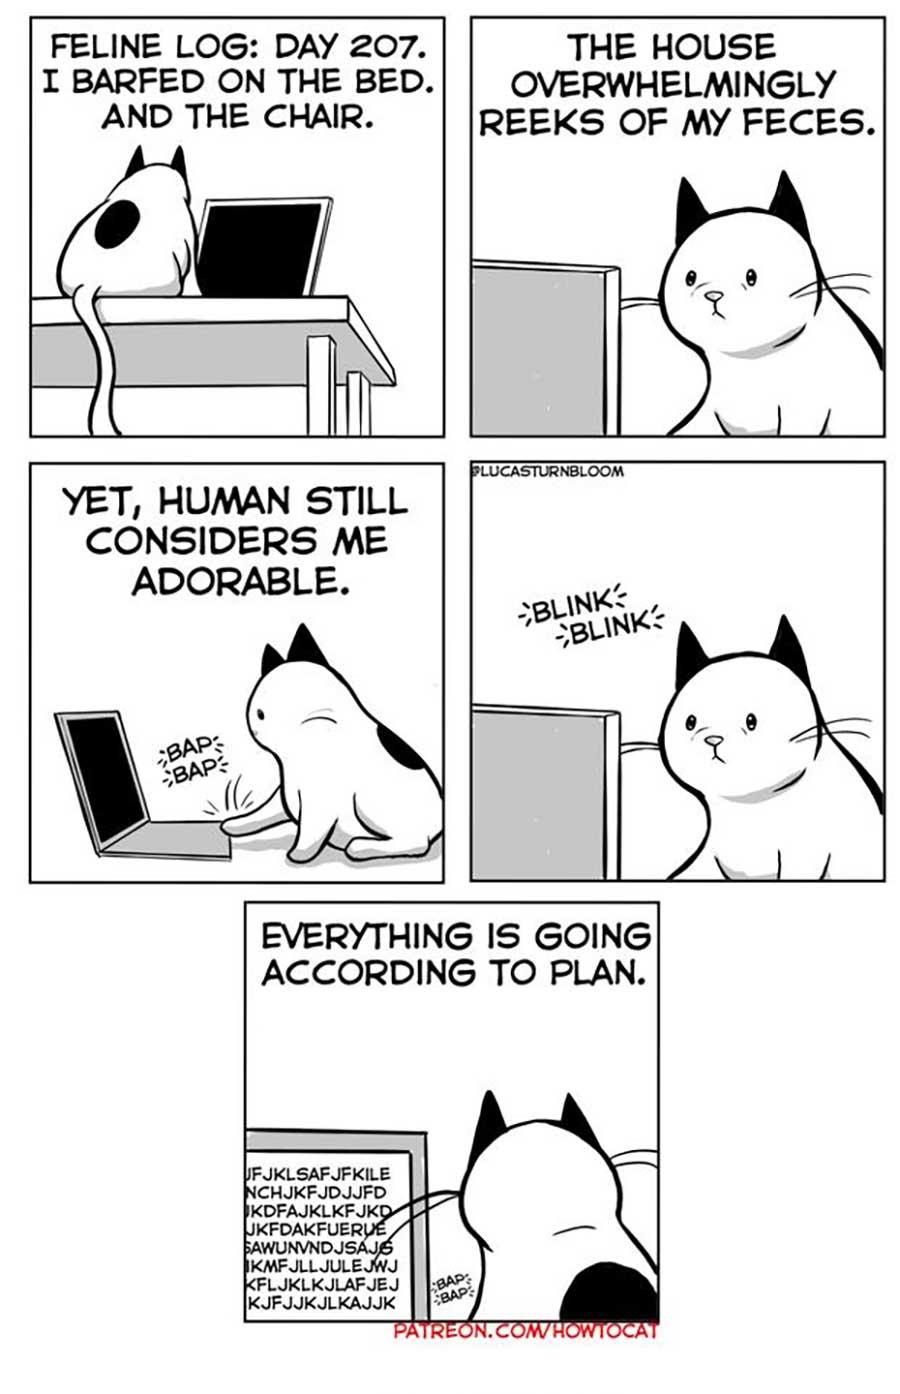 Das Leben mit einer Katze im Comic how-to-cat-Lucas-Turnbloom_08